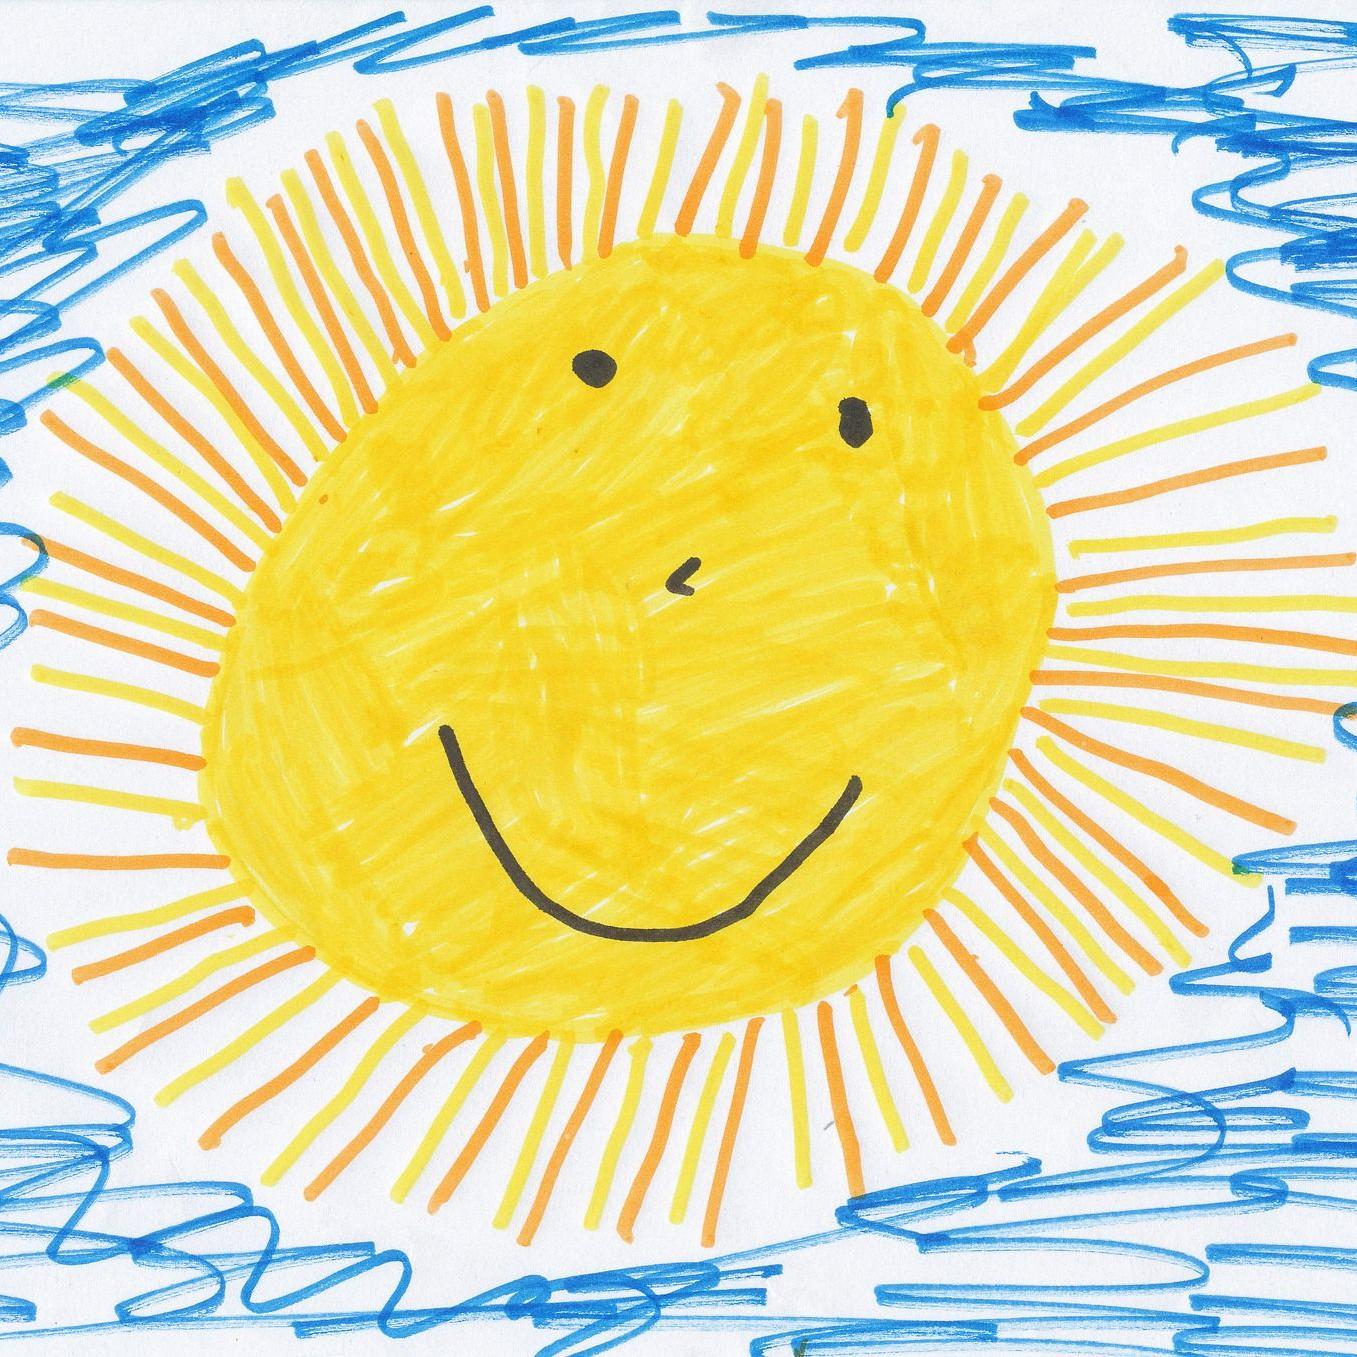 Kinder und Sonne | kinder-verstehen.de